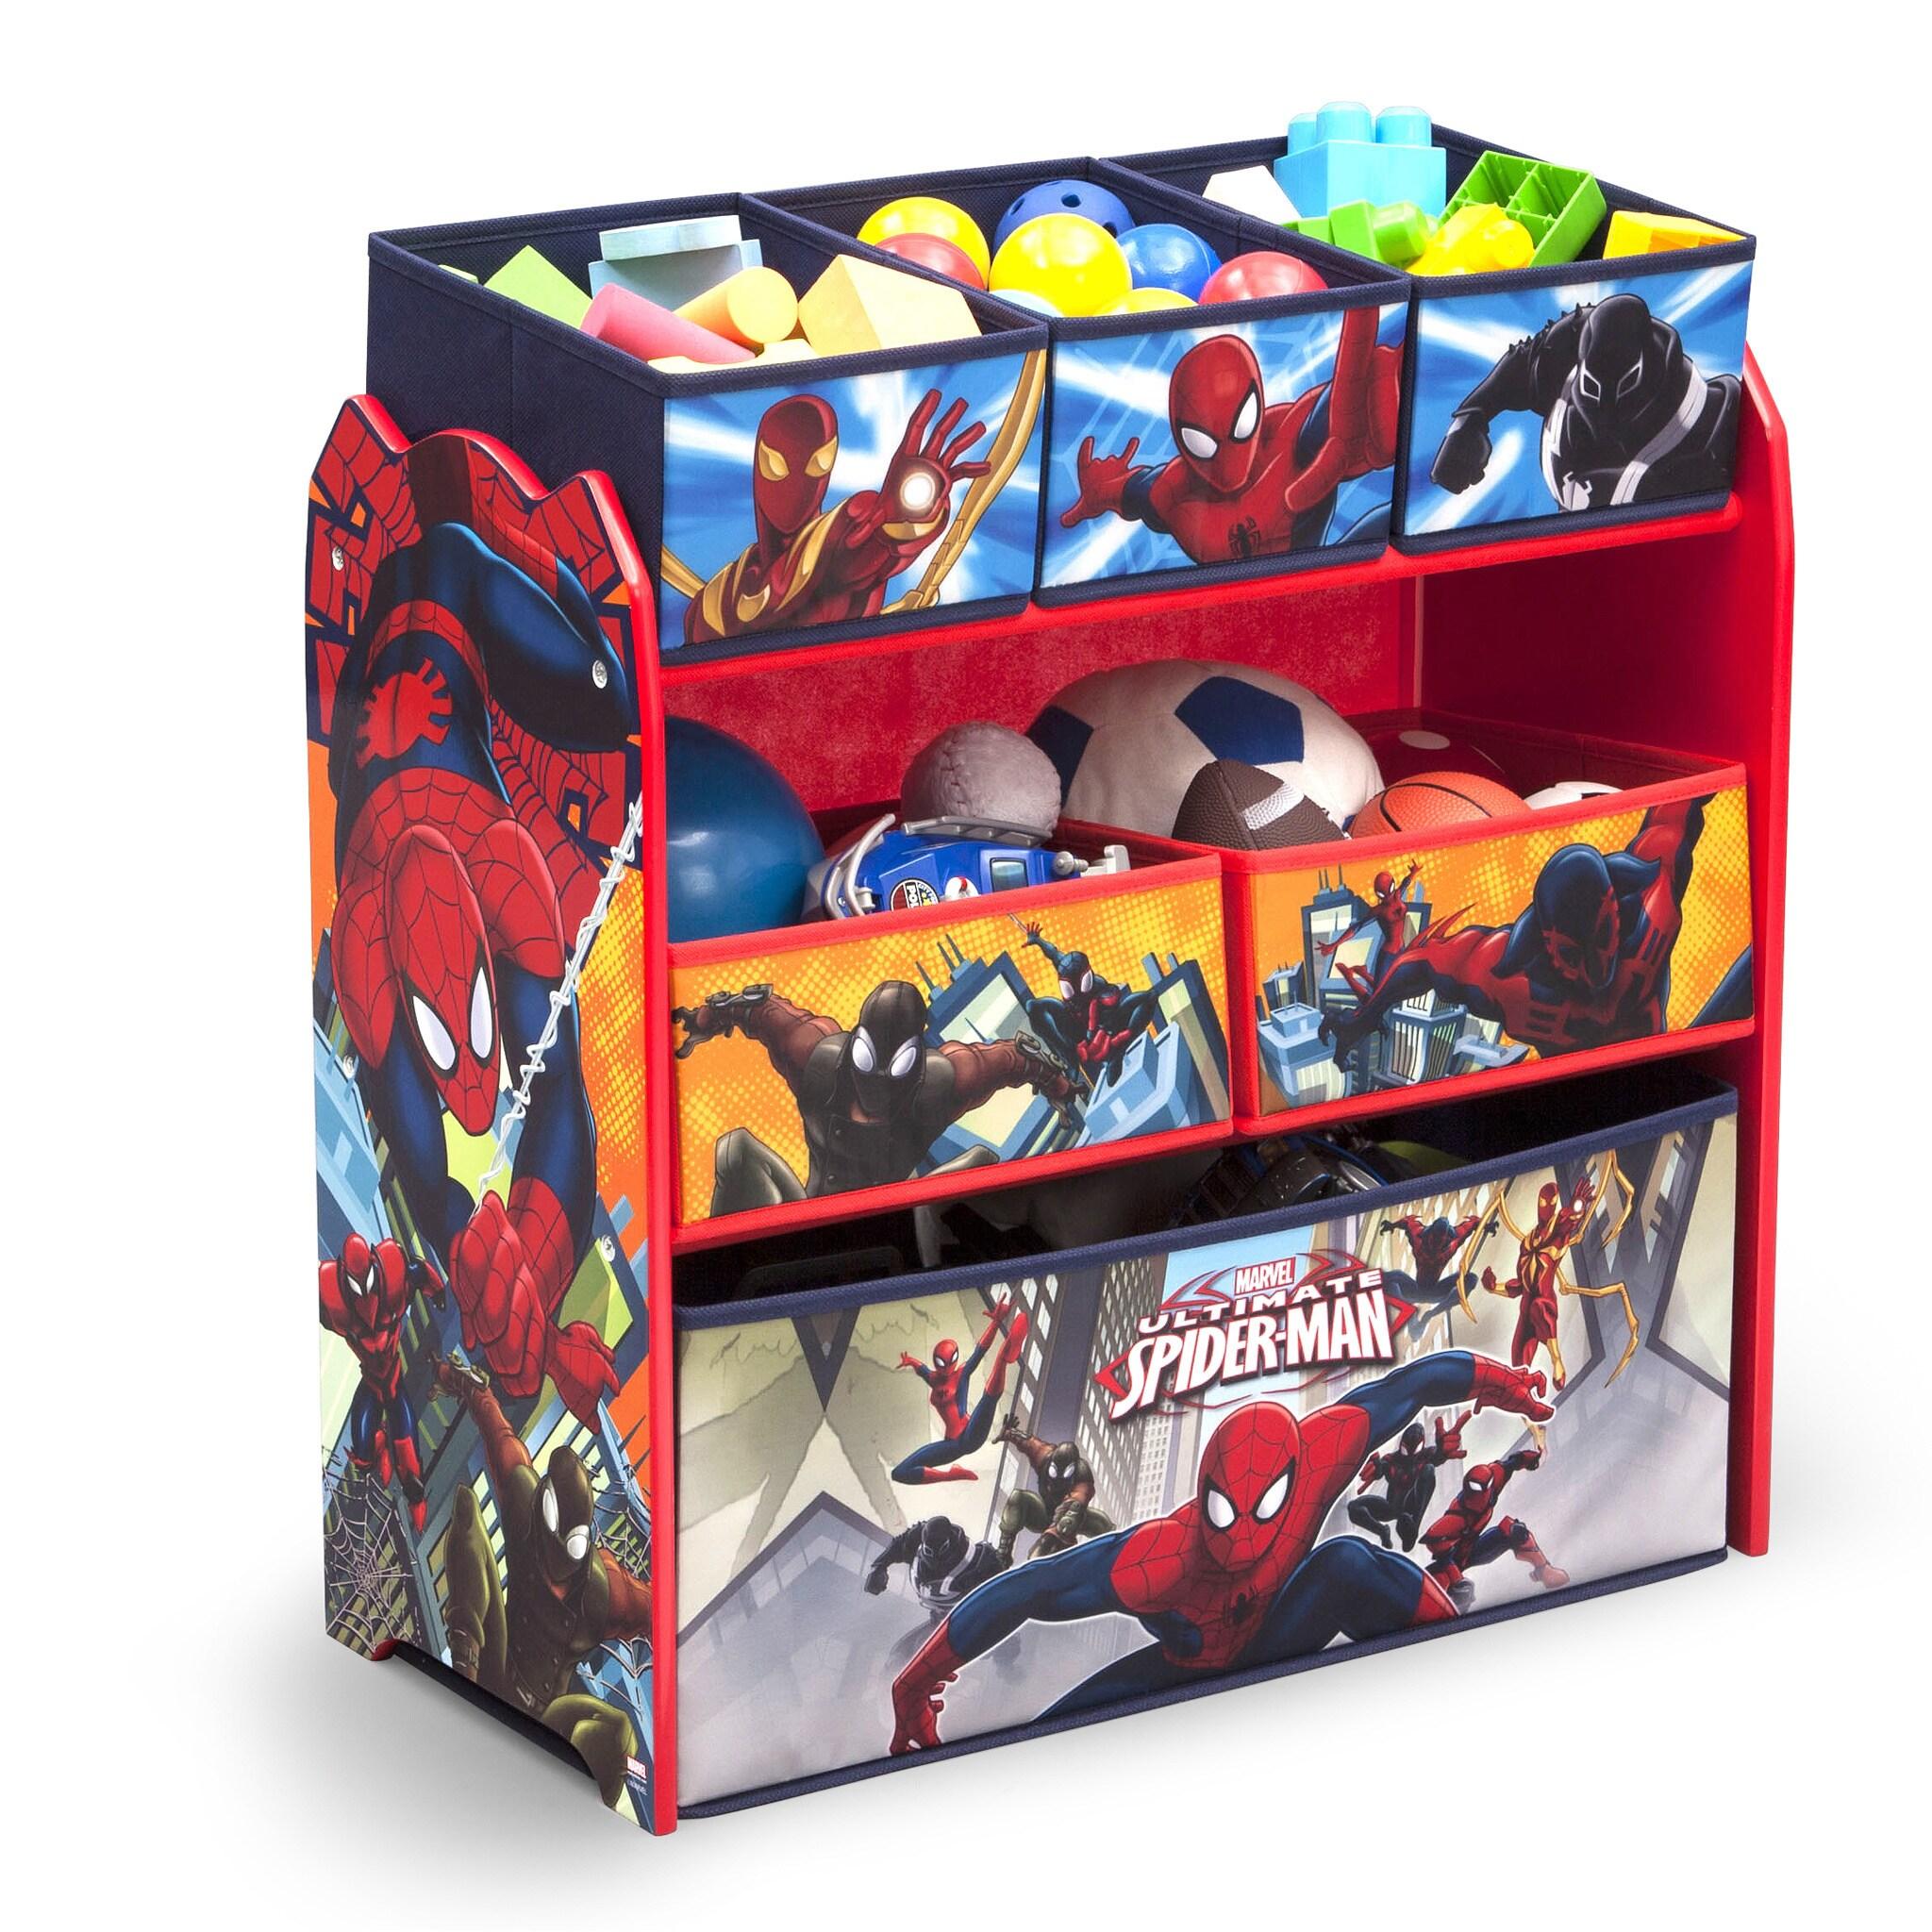 Spider-Man Multi-Bin Toy Organizer by Delta Children (Mul...